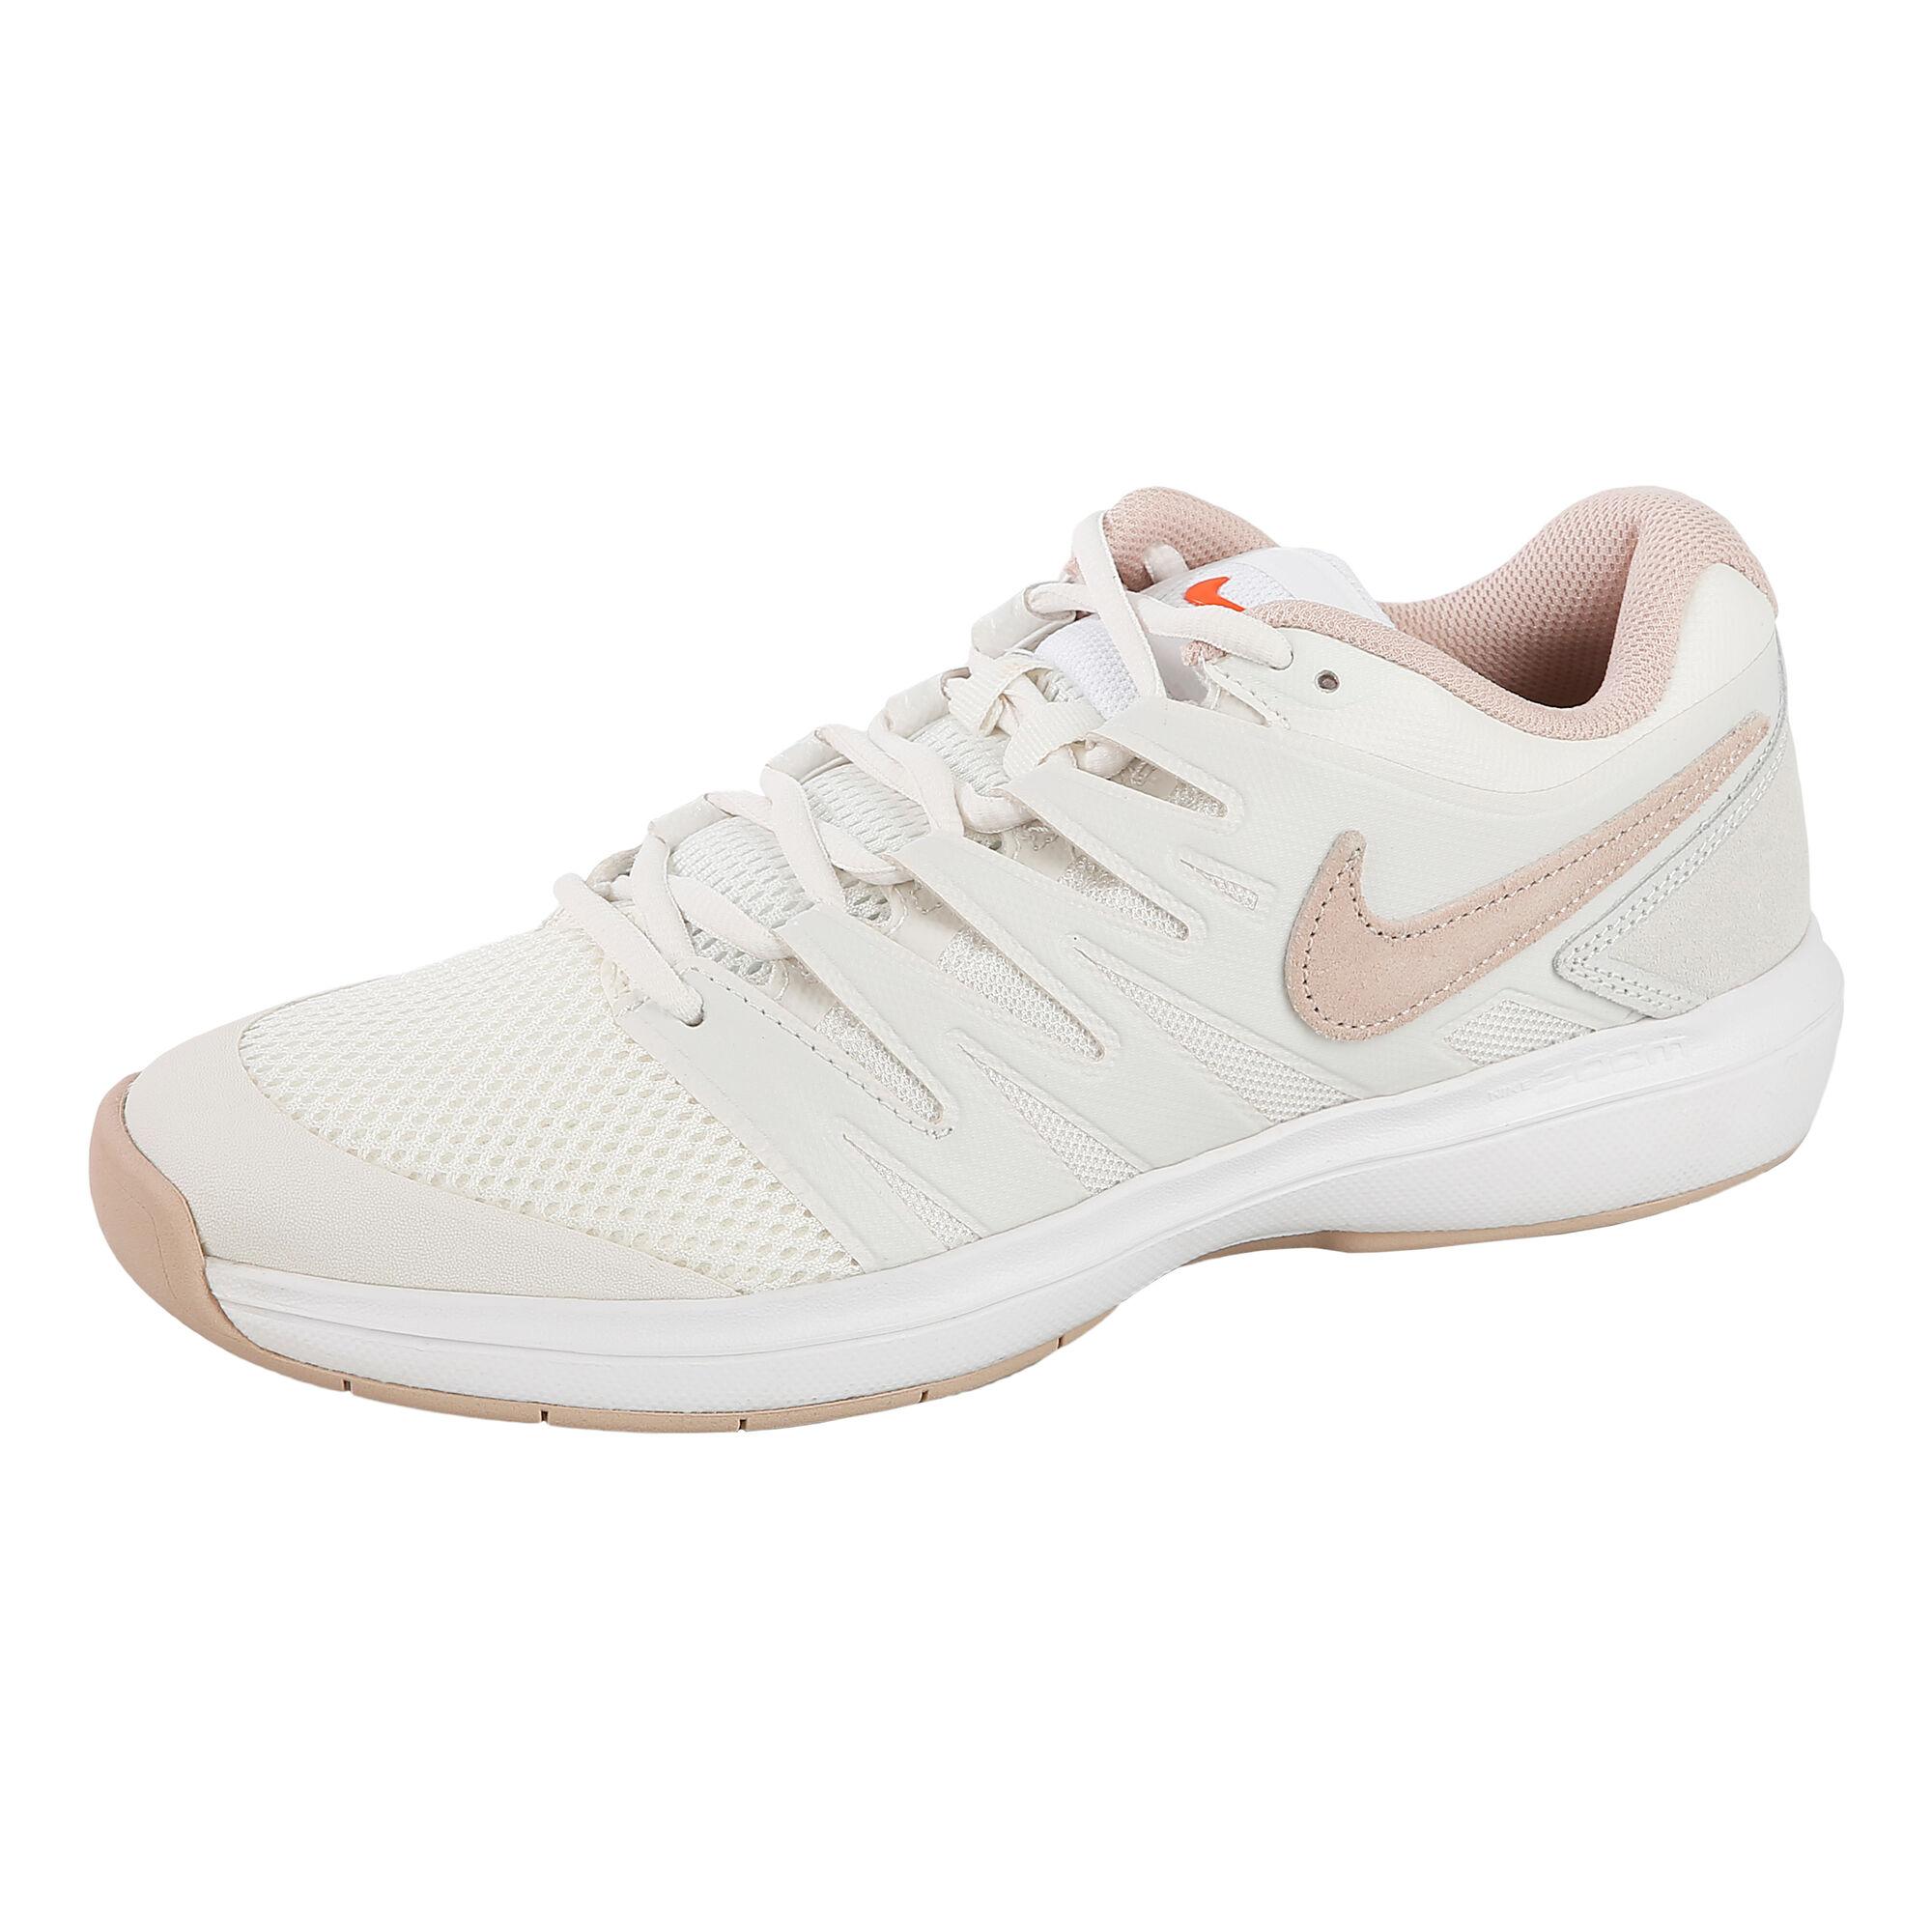 0ea4c049c4364 Nike Air Zoom Prestige Carpet Teppichschuh Damen - Creme, Beige ...